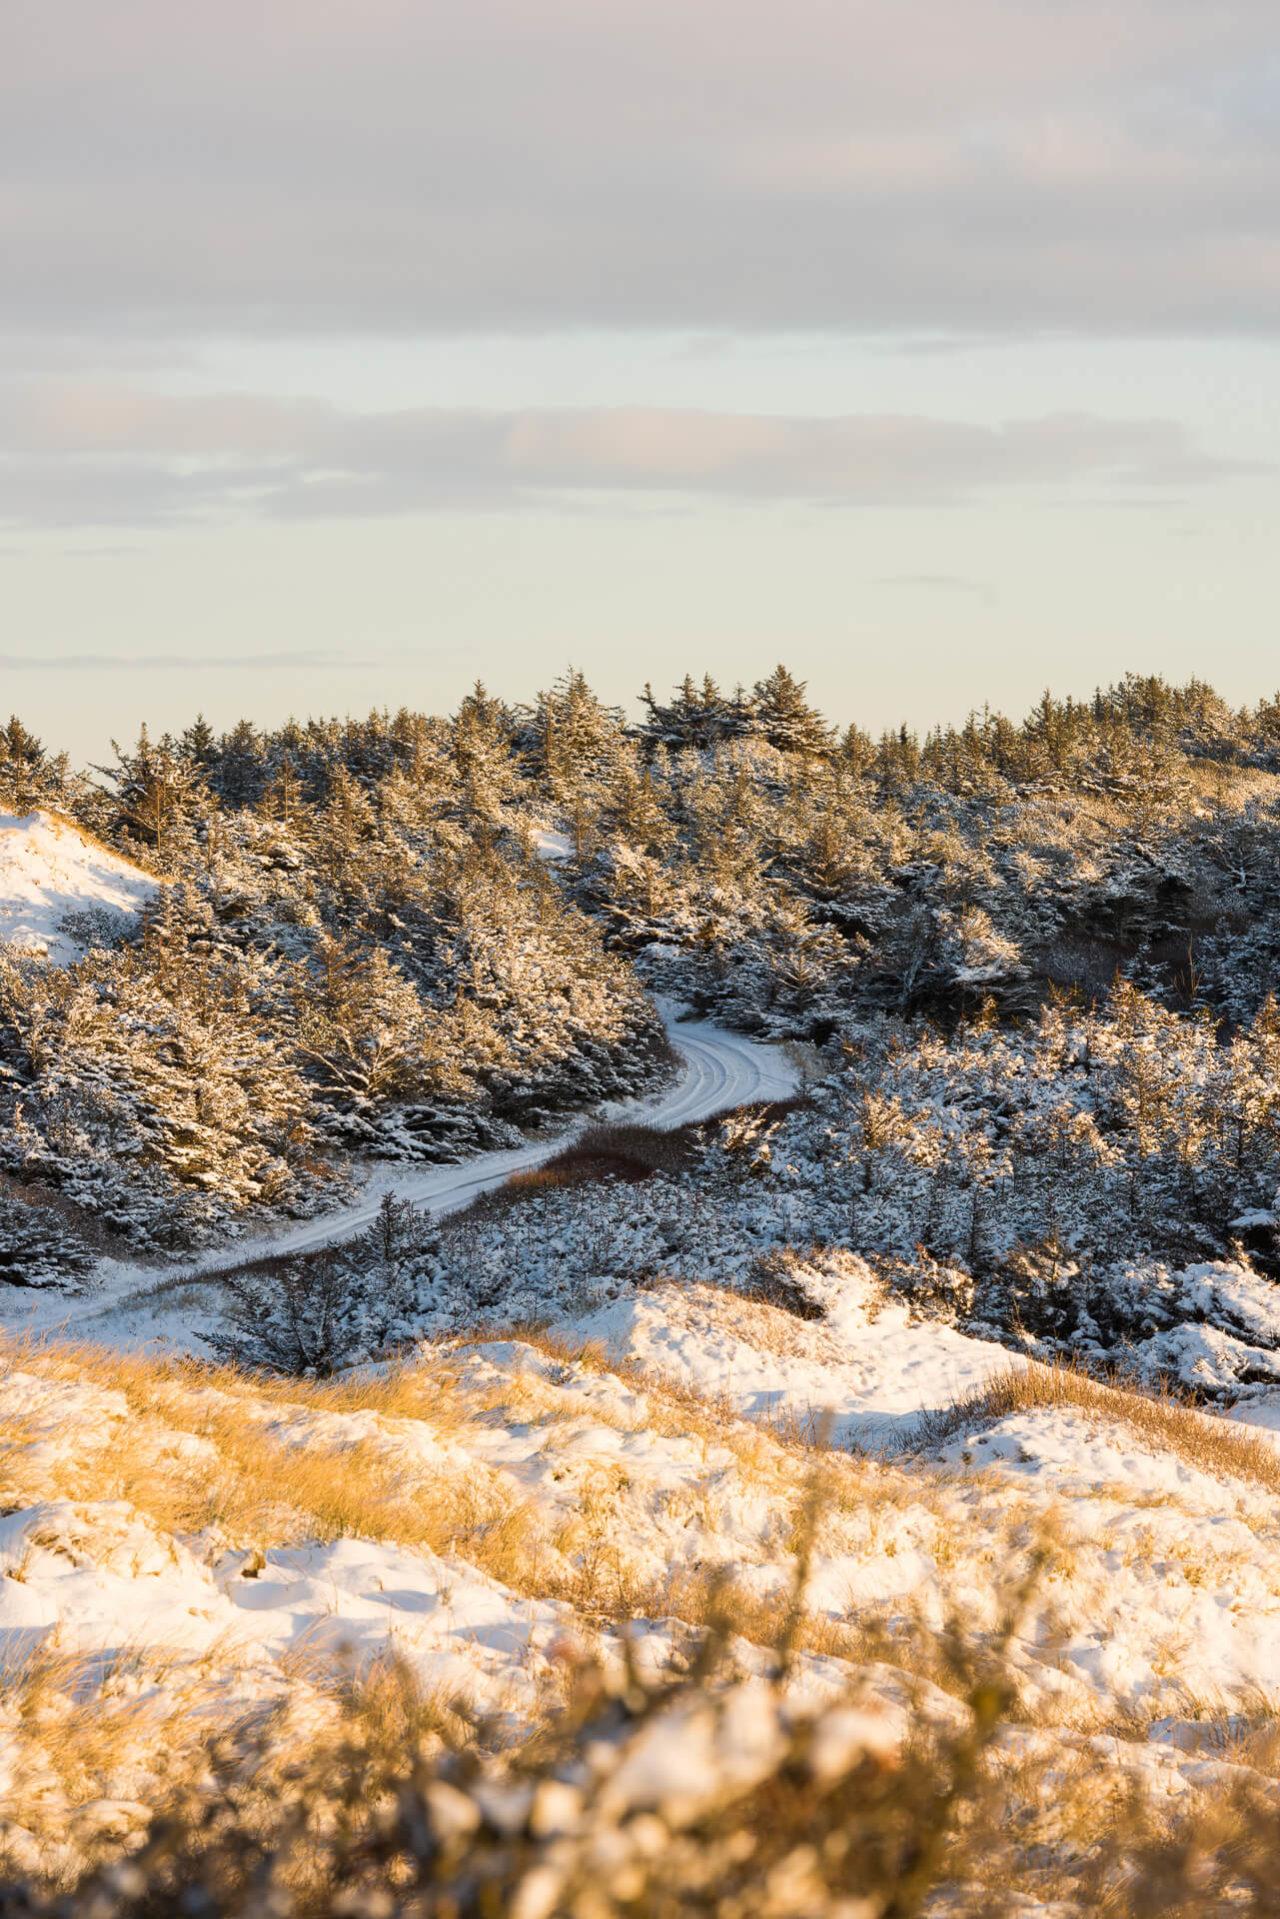 Foto von der Fotostory Redeleit und Junker zeigt einen verschneiten Waldweg